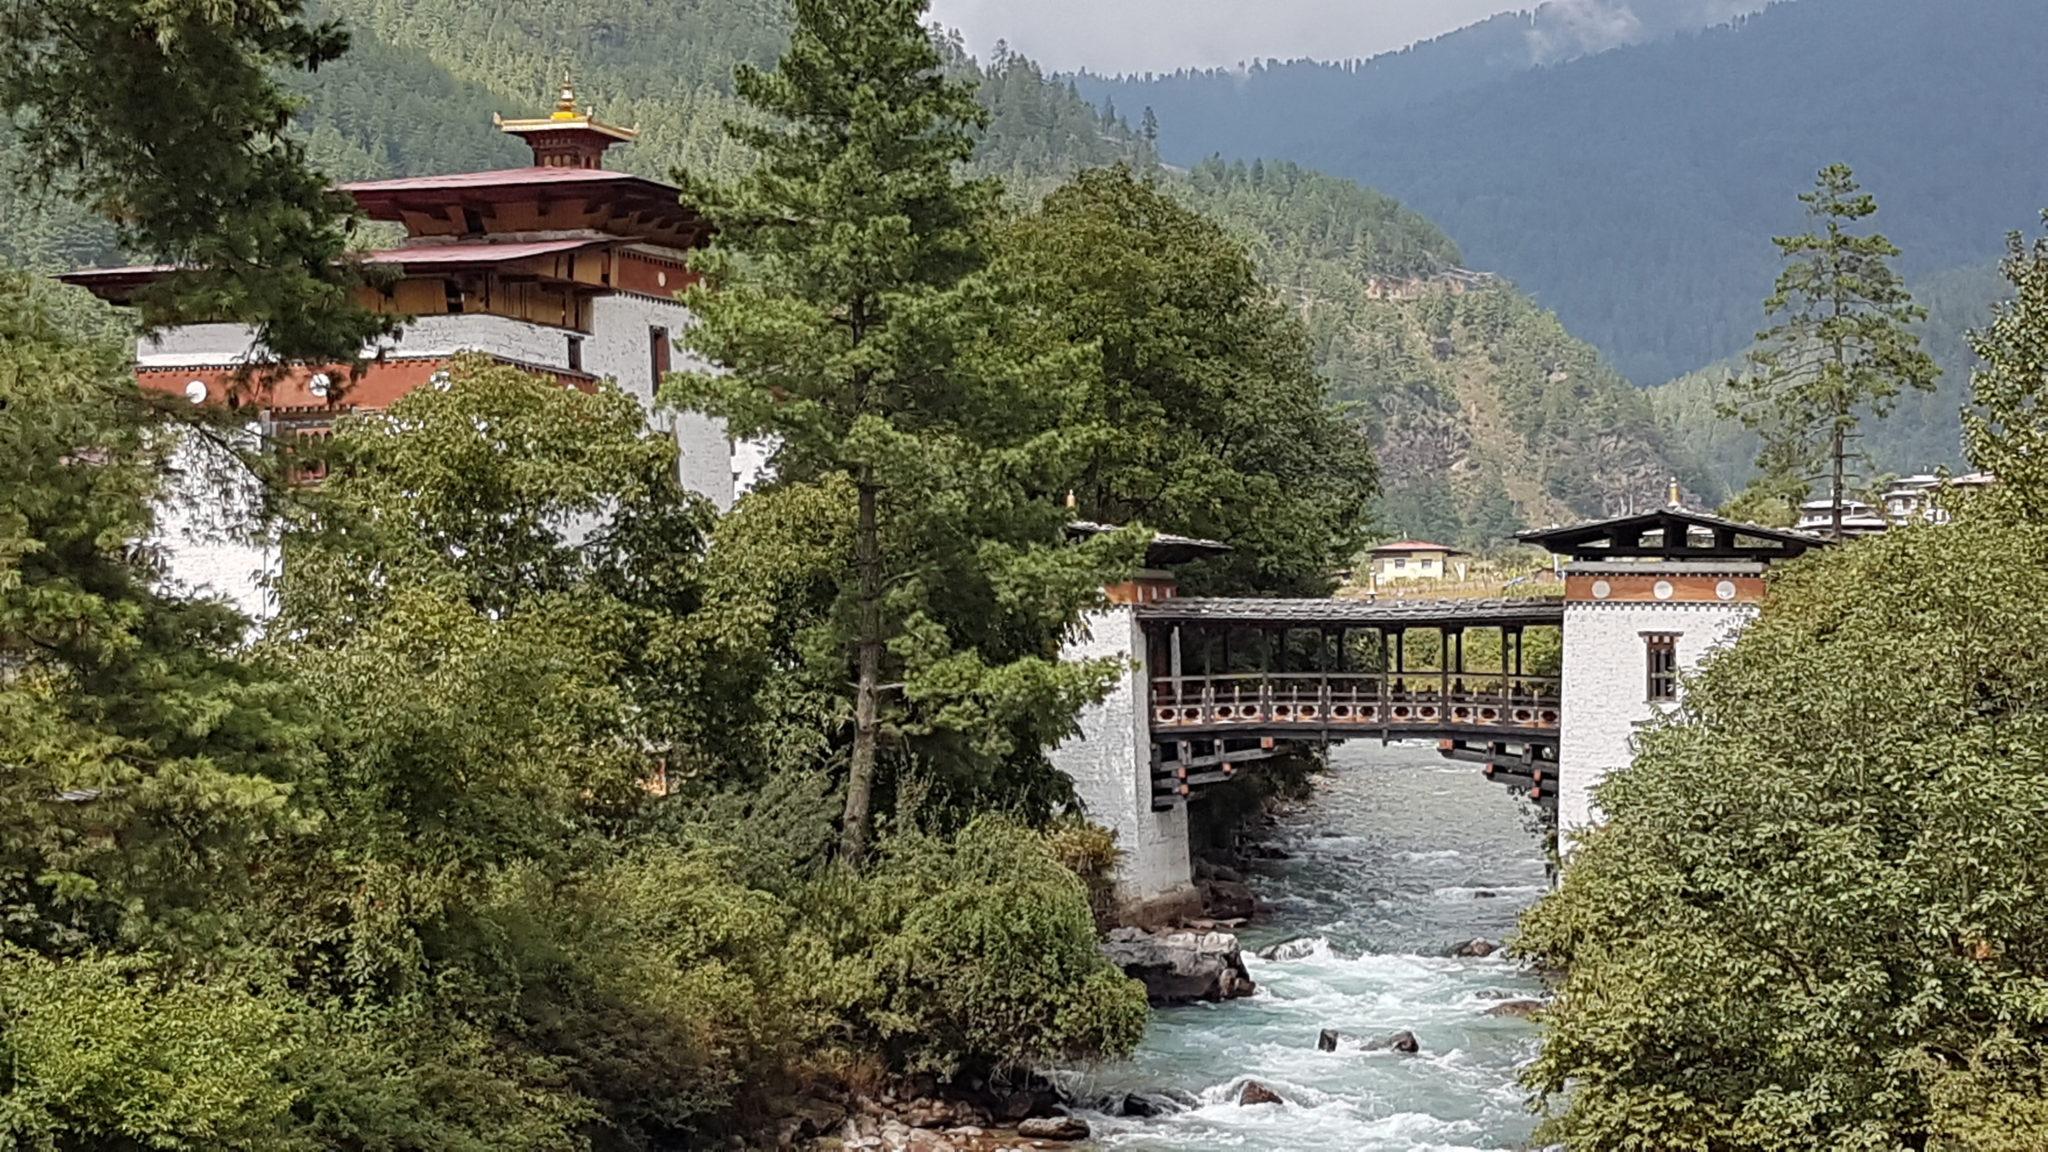 Stefan Richter: Bhutan